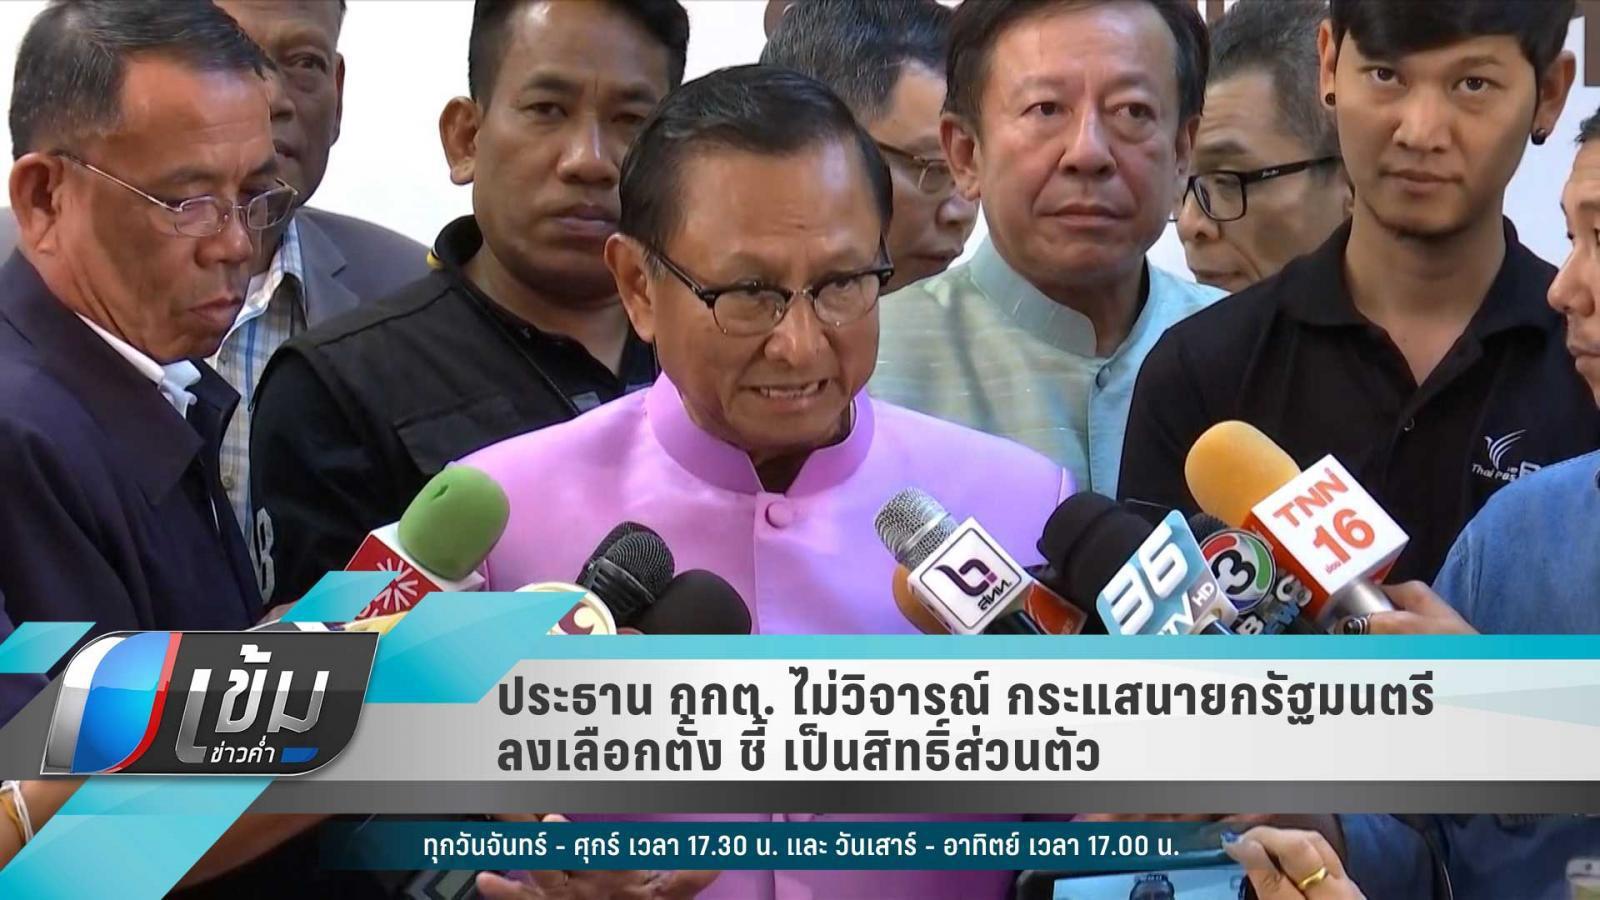 ประธาน กกต. ไม่วิจารณ์ กระแสนายกรัฐมนตรี ลงเลือกตั้ง ชี้ เป็นสิทธิ์ส่วนตัว